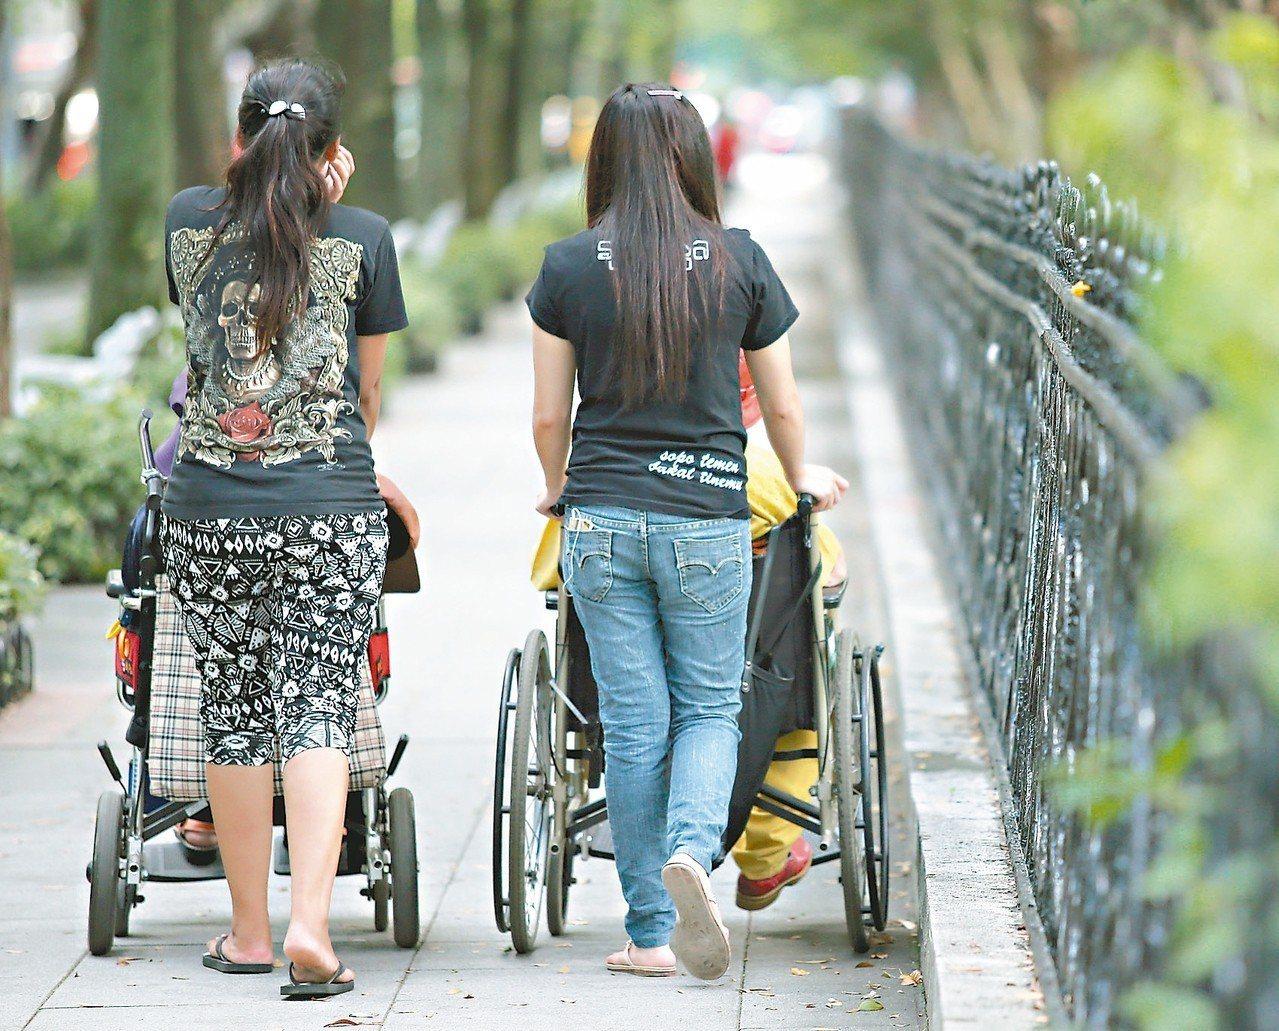 全台已有24萬名外籍家庭看護,在公園、車站等都可見到她們陪伴台灣老人的身影。 報...